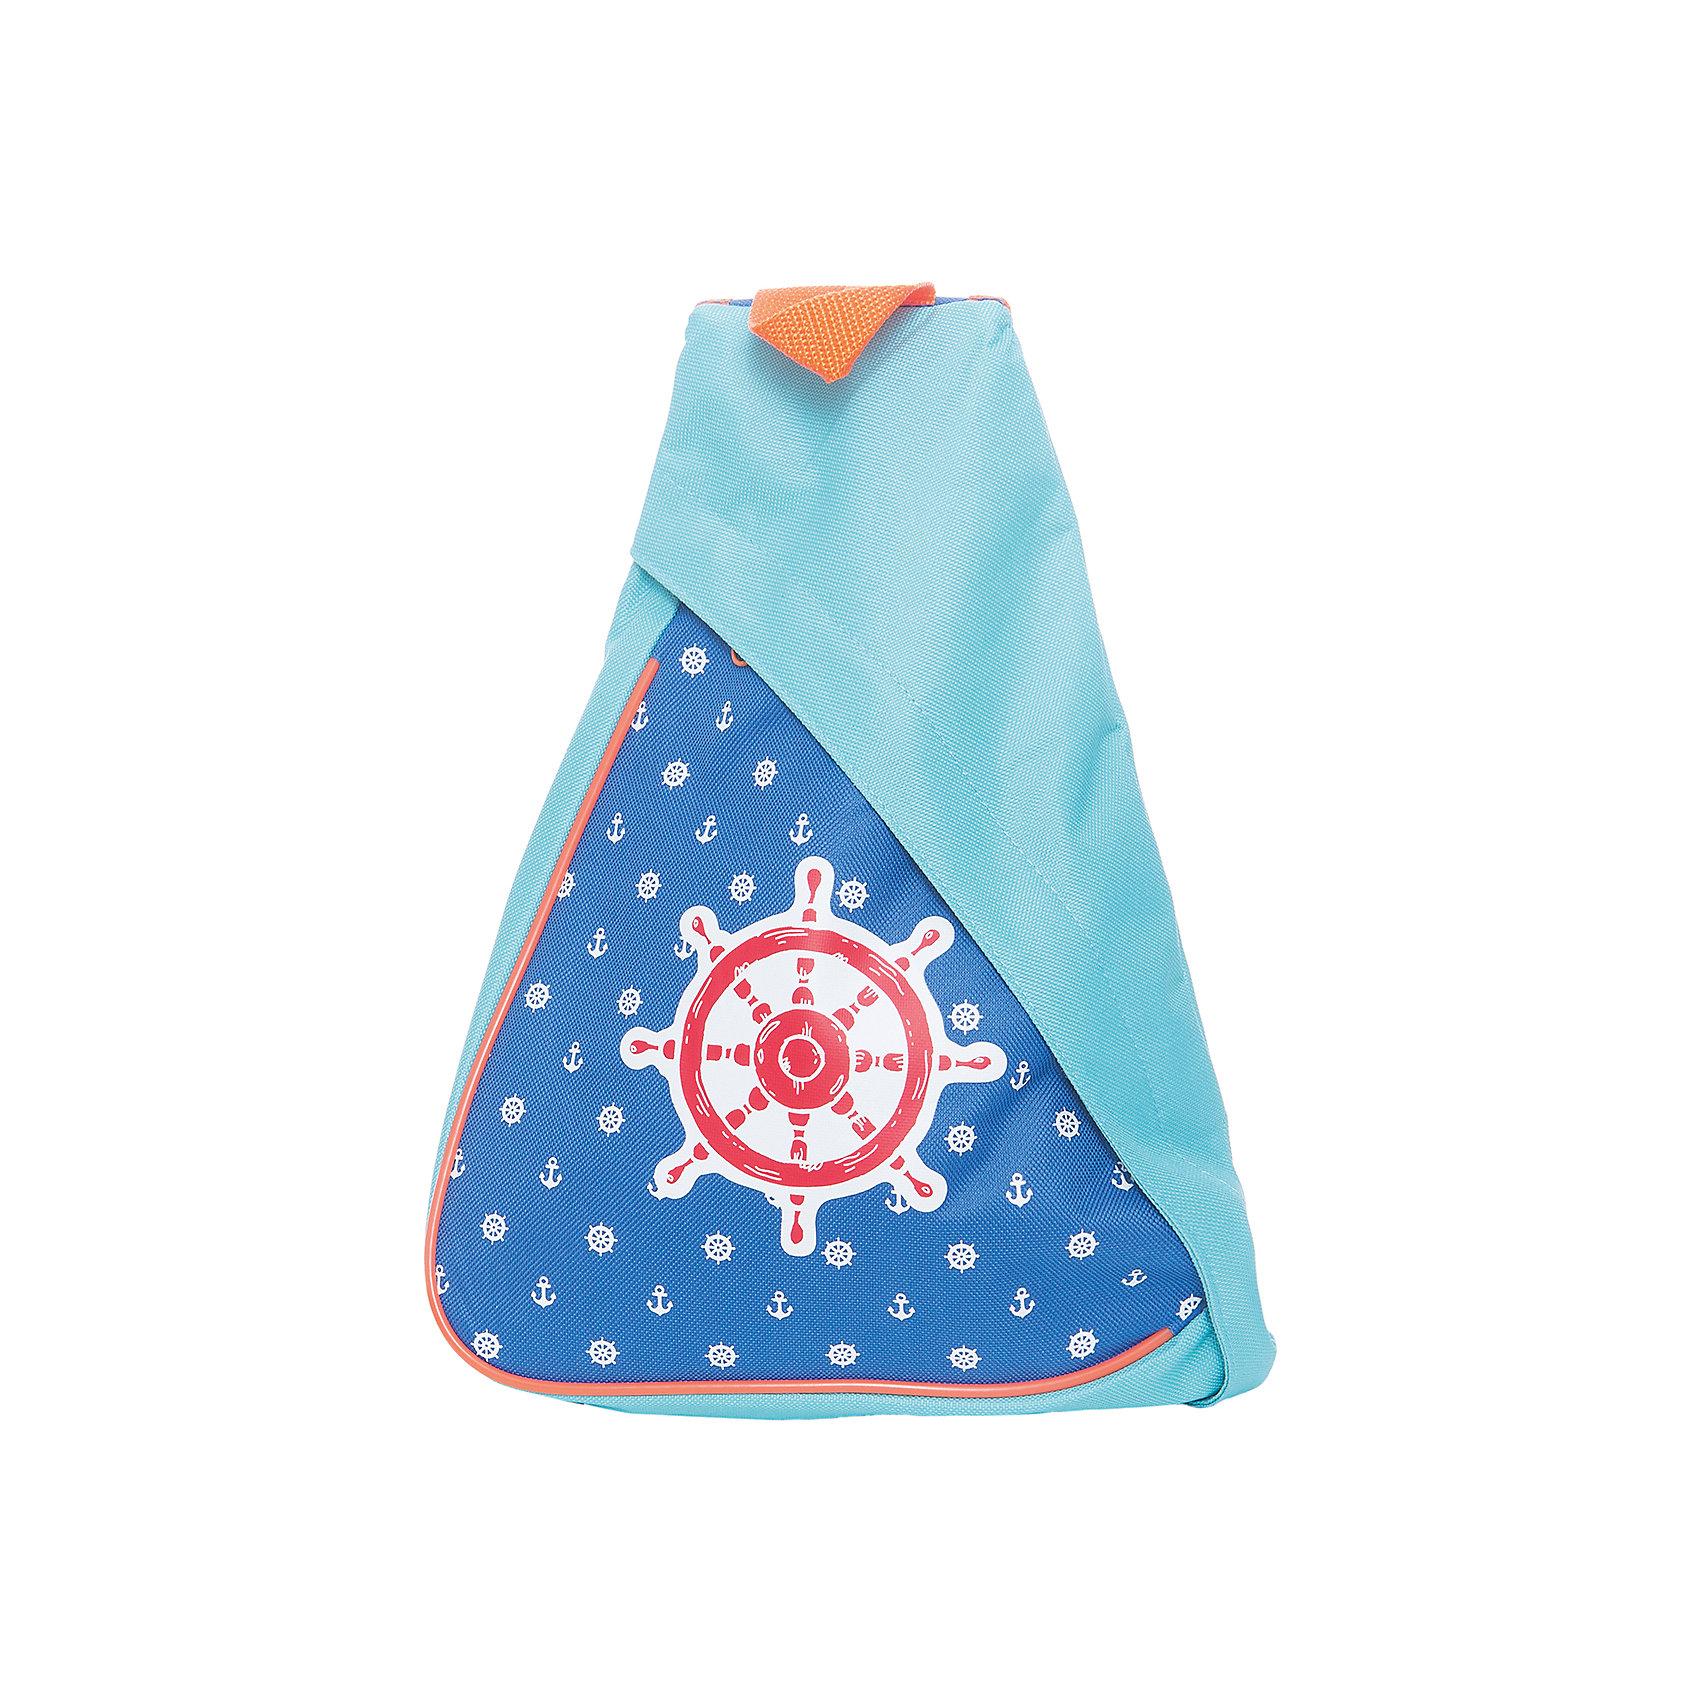 Треугольный рюкзак МореЭтот оригинальный детский рюкзачок представлен российской торговой маркой Mary Poppins под названием Море. Рюкзак выполнен из прочного текстиля в насыщенной и приятной морской расцветке. Треугольный рюкзачок выглядит очень нейтрально, поэтому может подойти как для мальчиков, так и для девочек в возрасте от трех лет и старше.<br><br>Ширина мм: 300<br>Глубина мм: 400<br>Высота мм: 100<br>Вес г: 156<br>Возраст от месяцев: 660<br>Возраст до месяцев: 2147483647<br>Пол: Унисекс<br>Возраст: Детский<br>SKU: 5508579